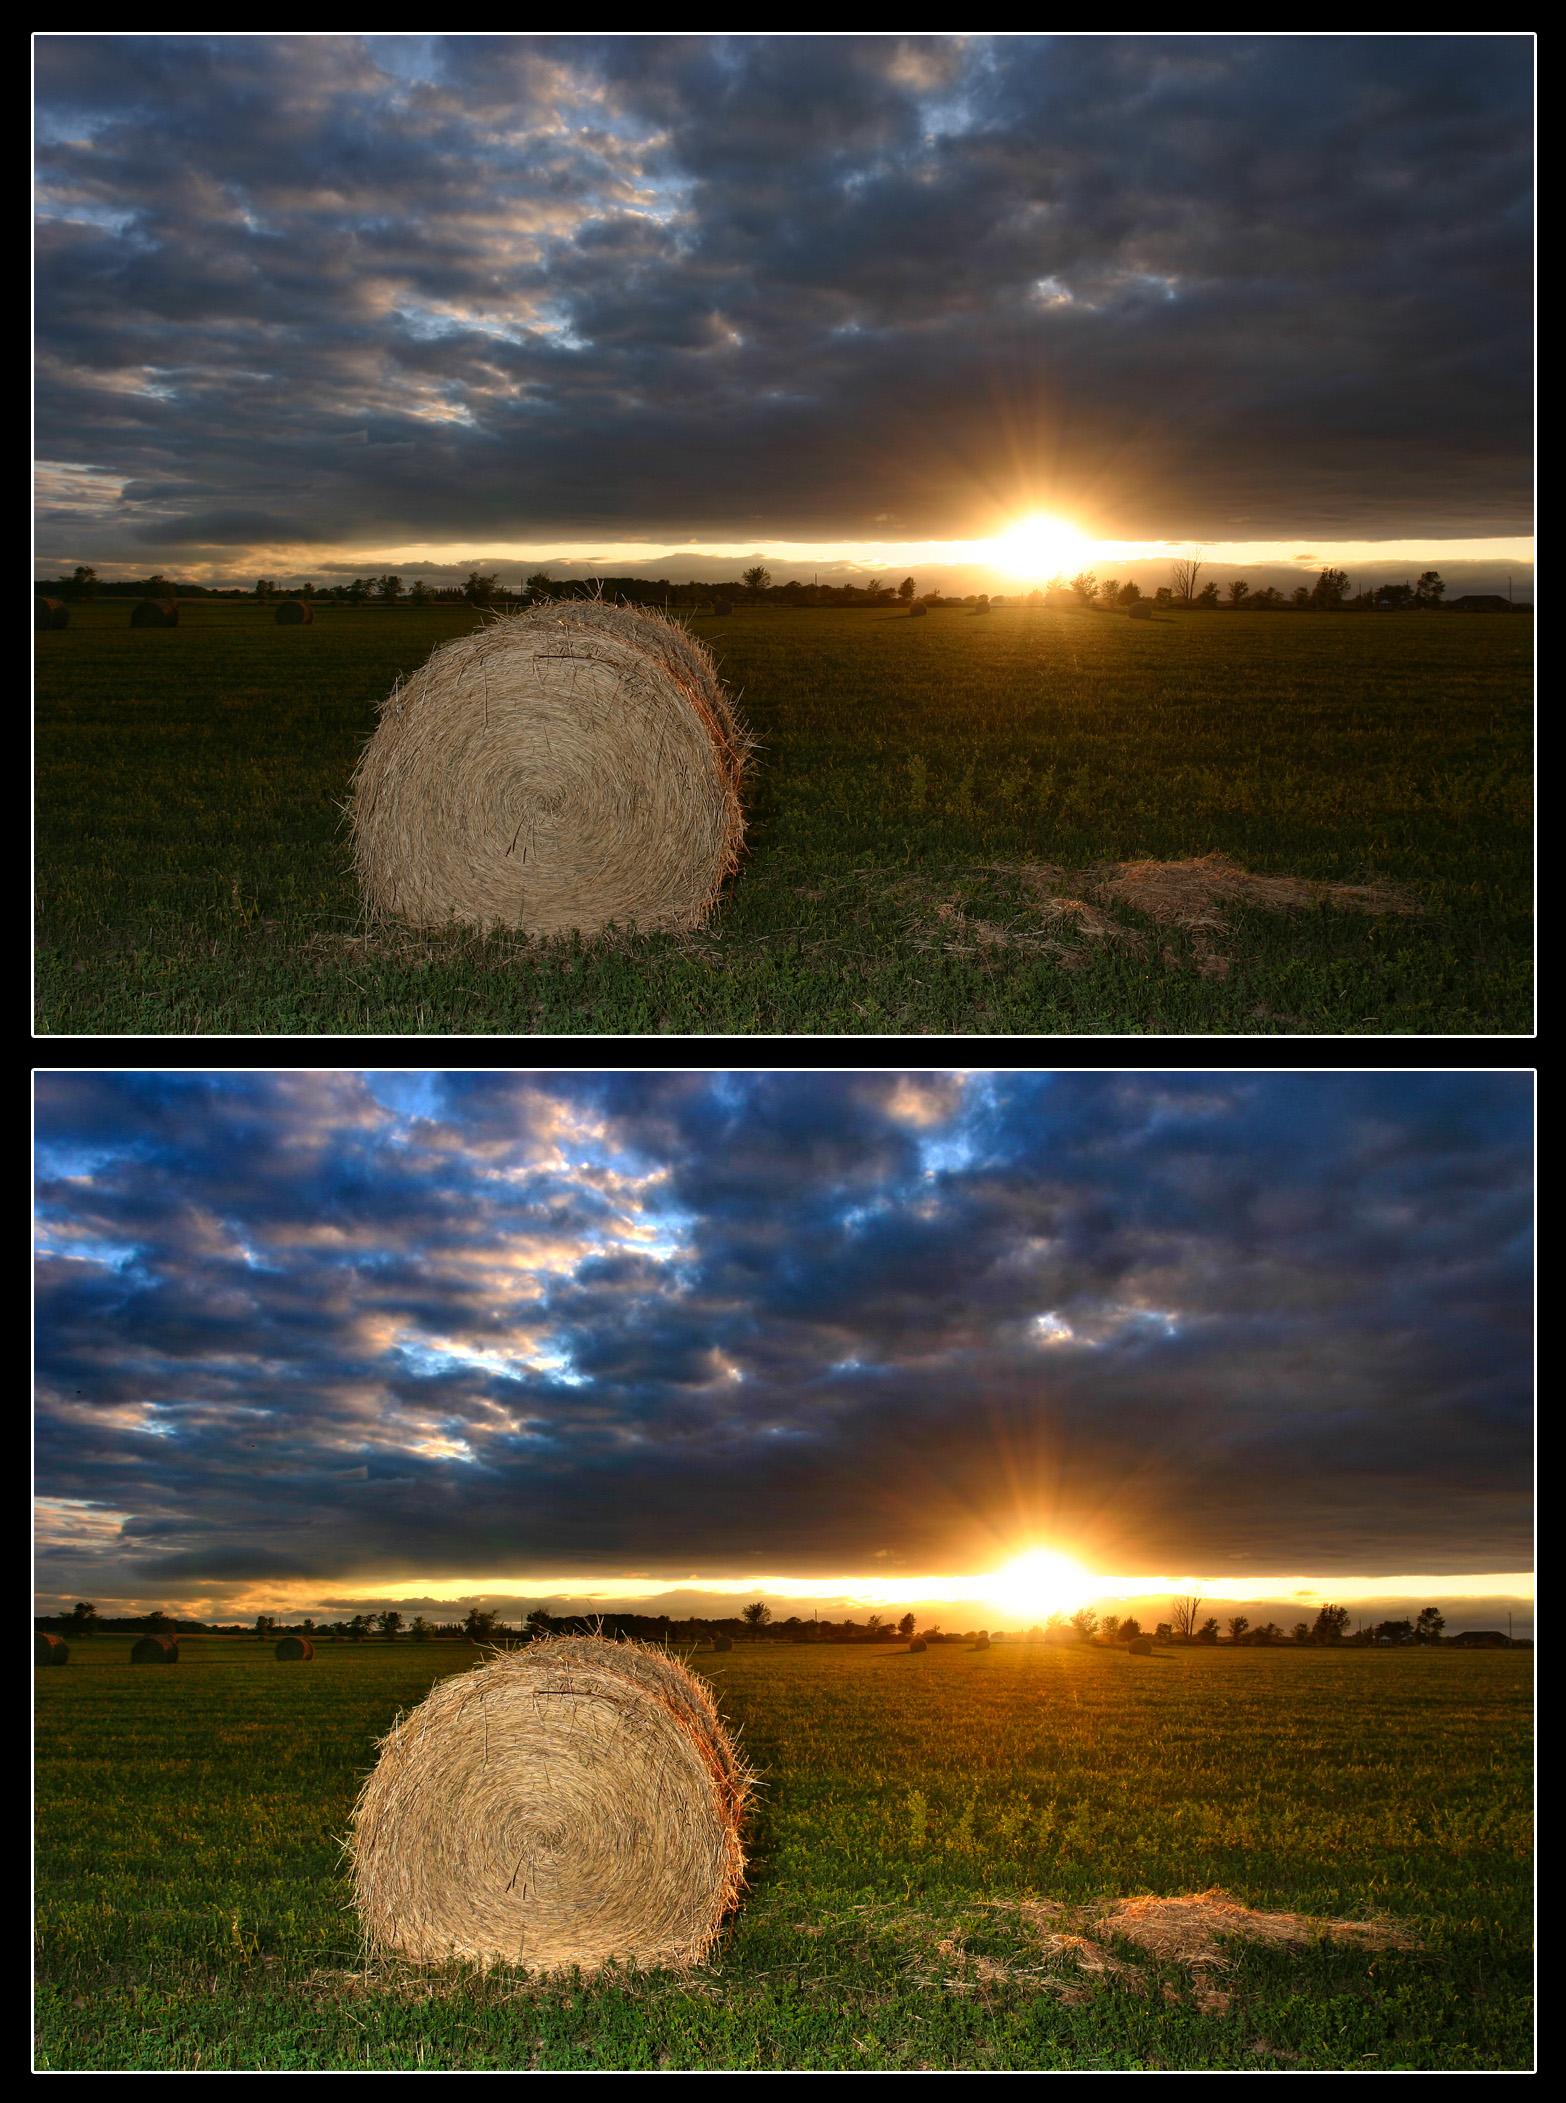 hay-bail-at-sunset2